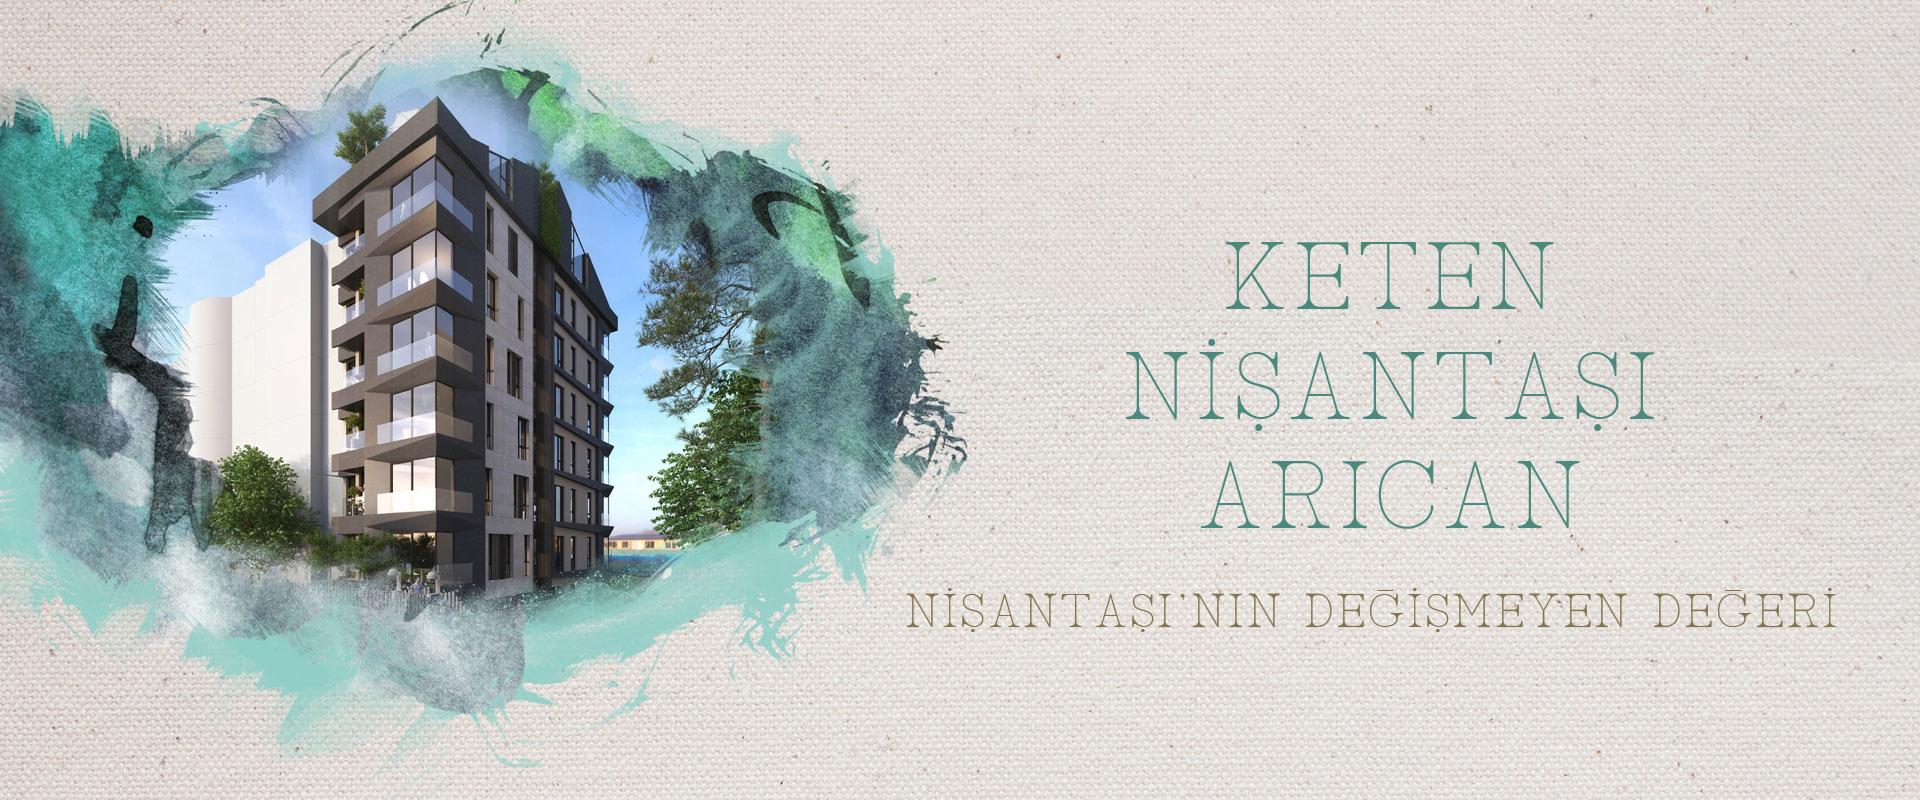 ket443_nisantasi_arican_1920X800px